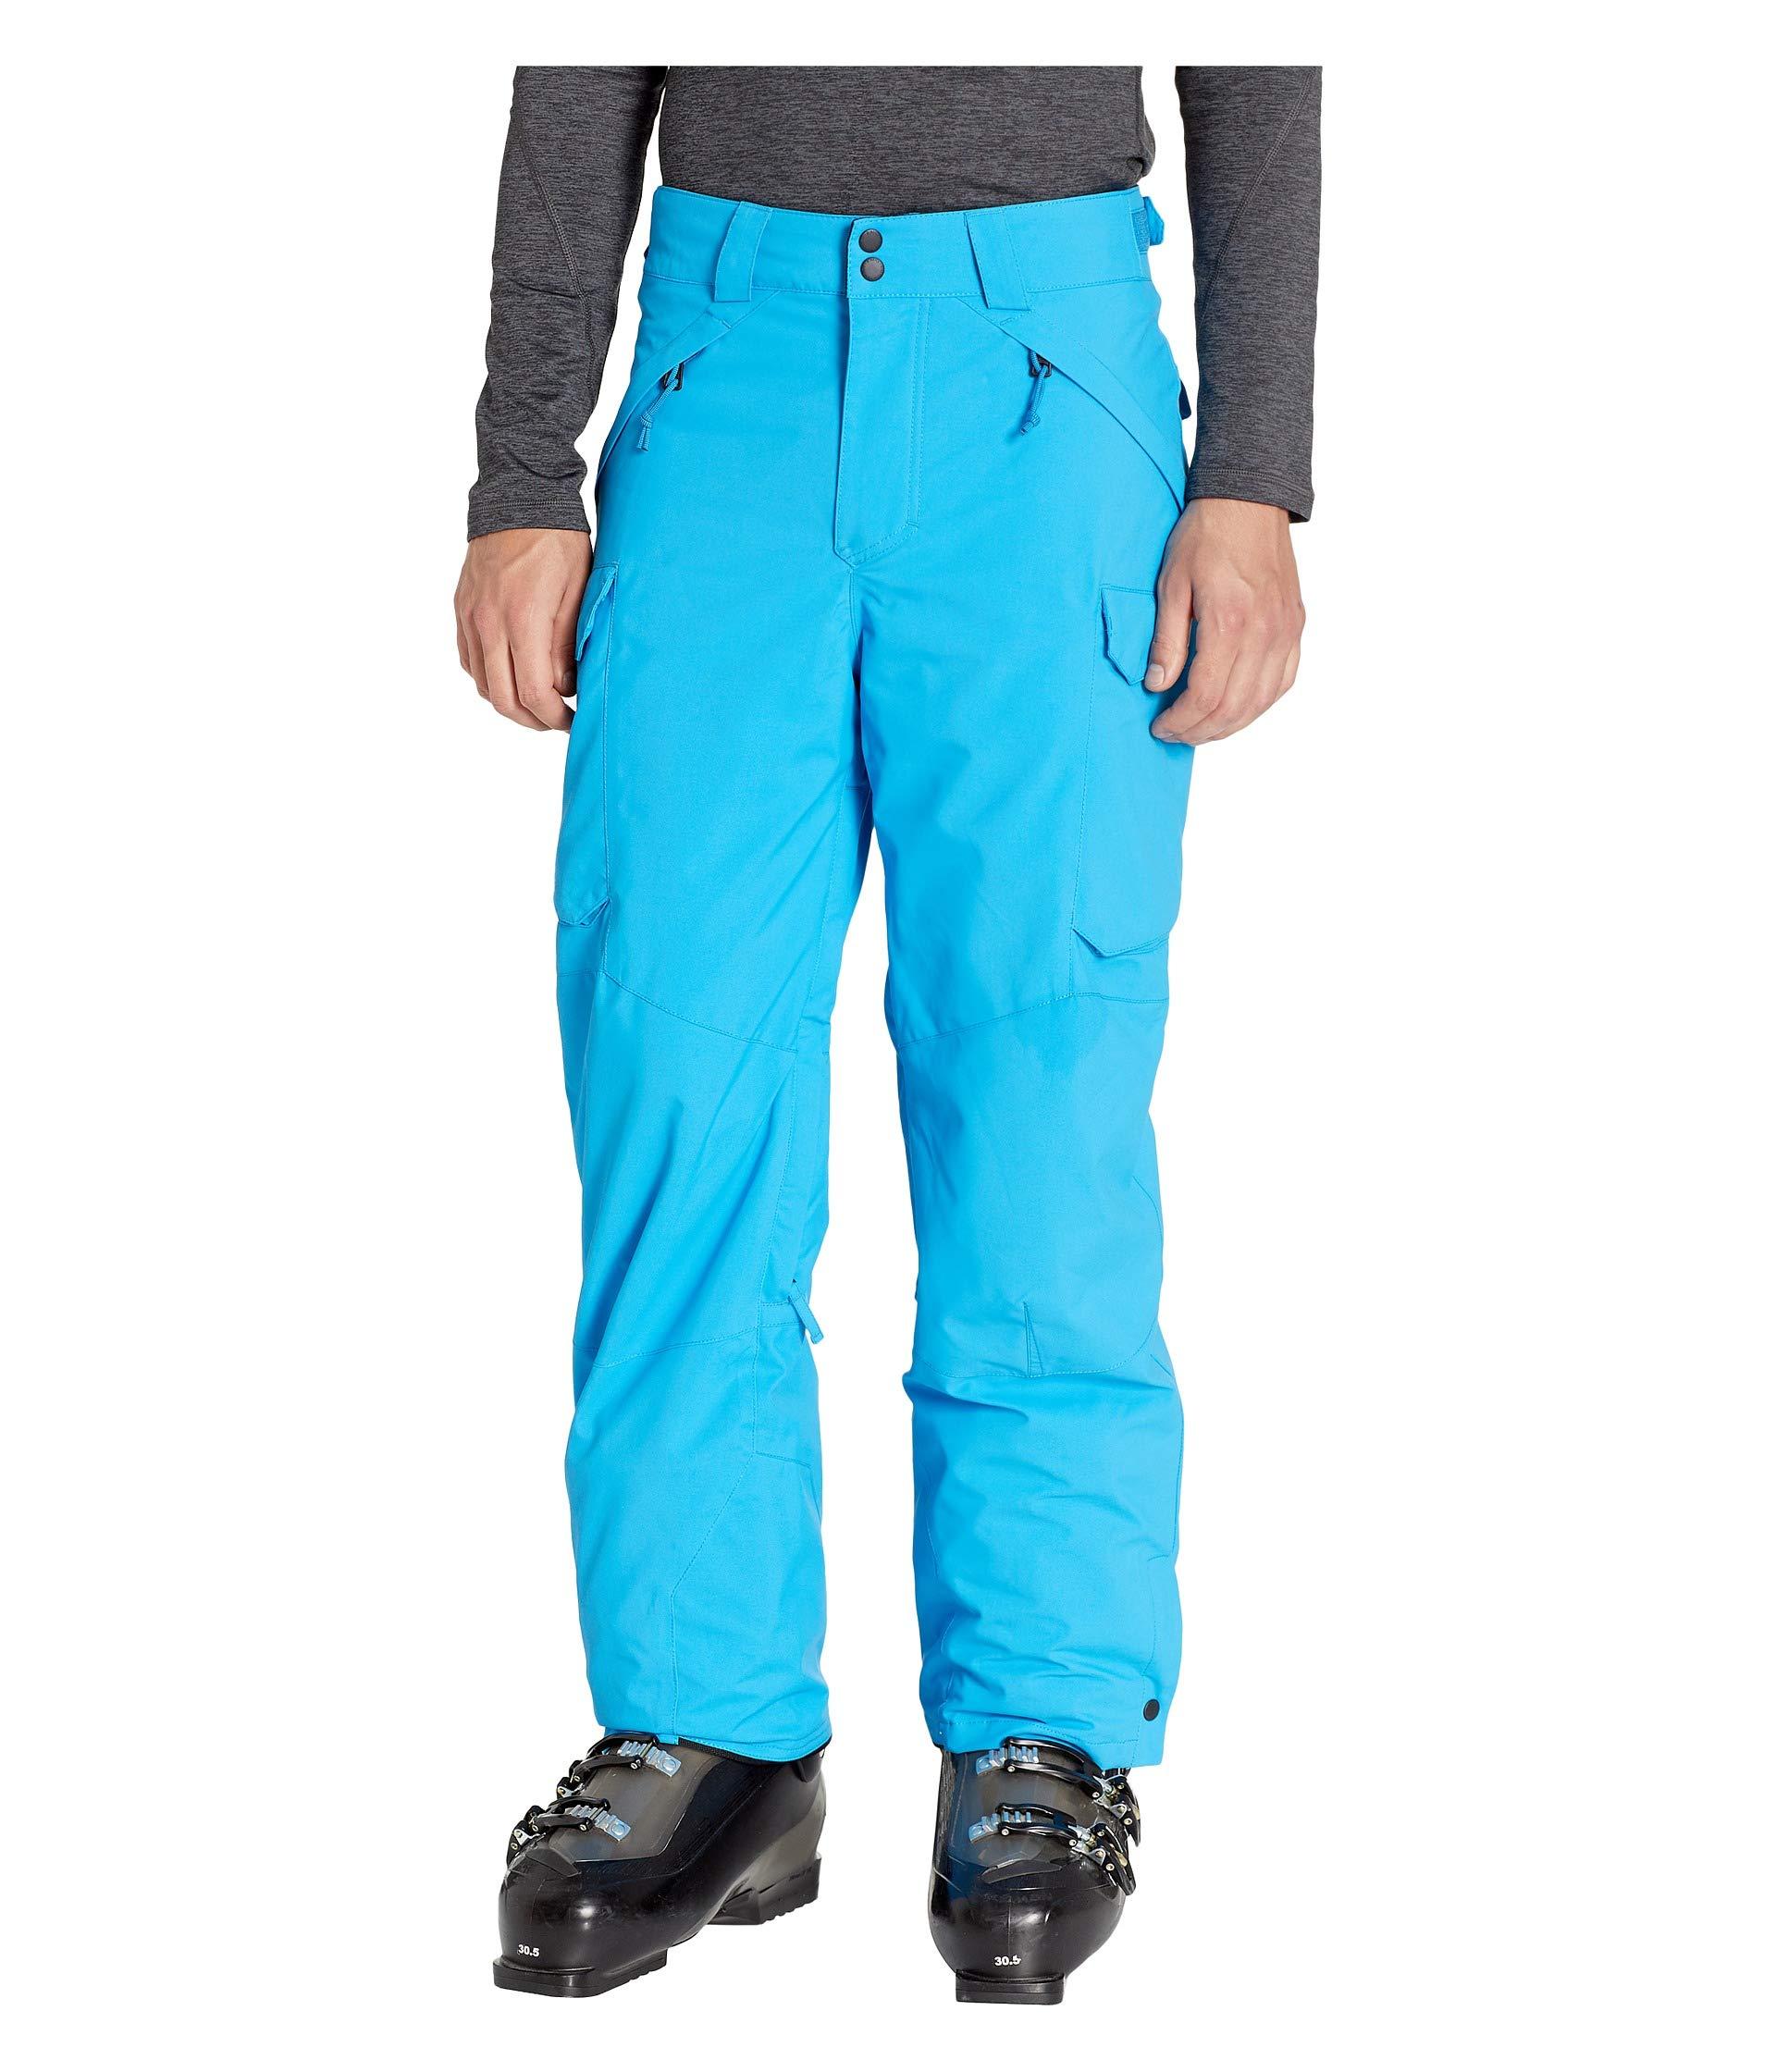 Dresden Blue Dresden O'neill Exalt Exalt O'neill Blue Pants Pants O'neill Pants Dresden Blue Exalt WqBqY16w